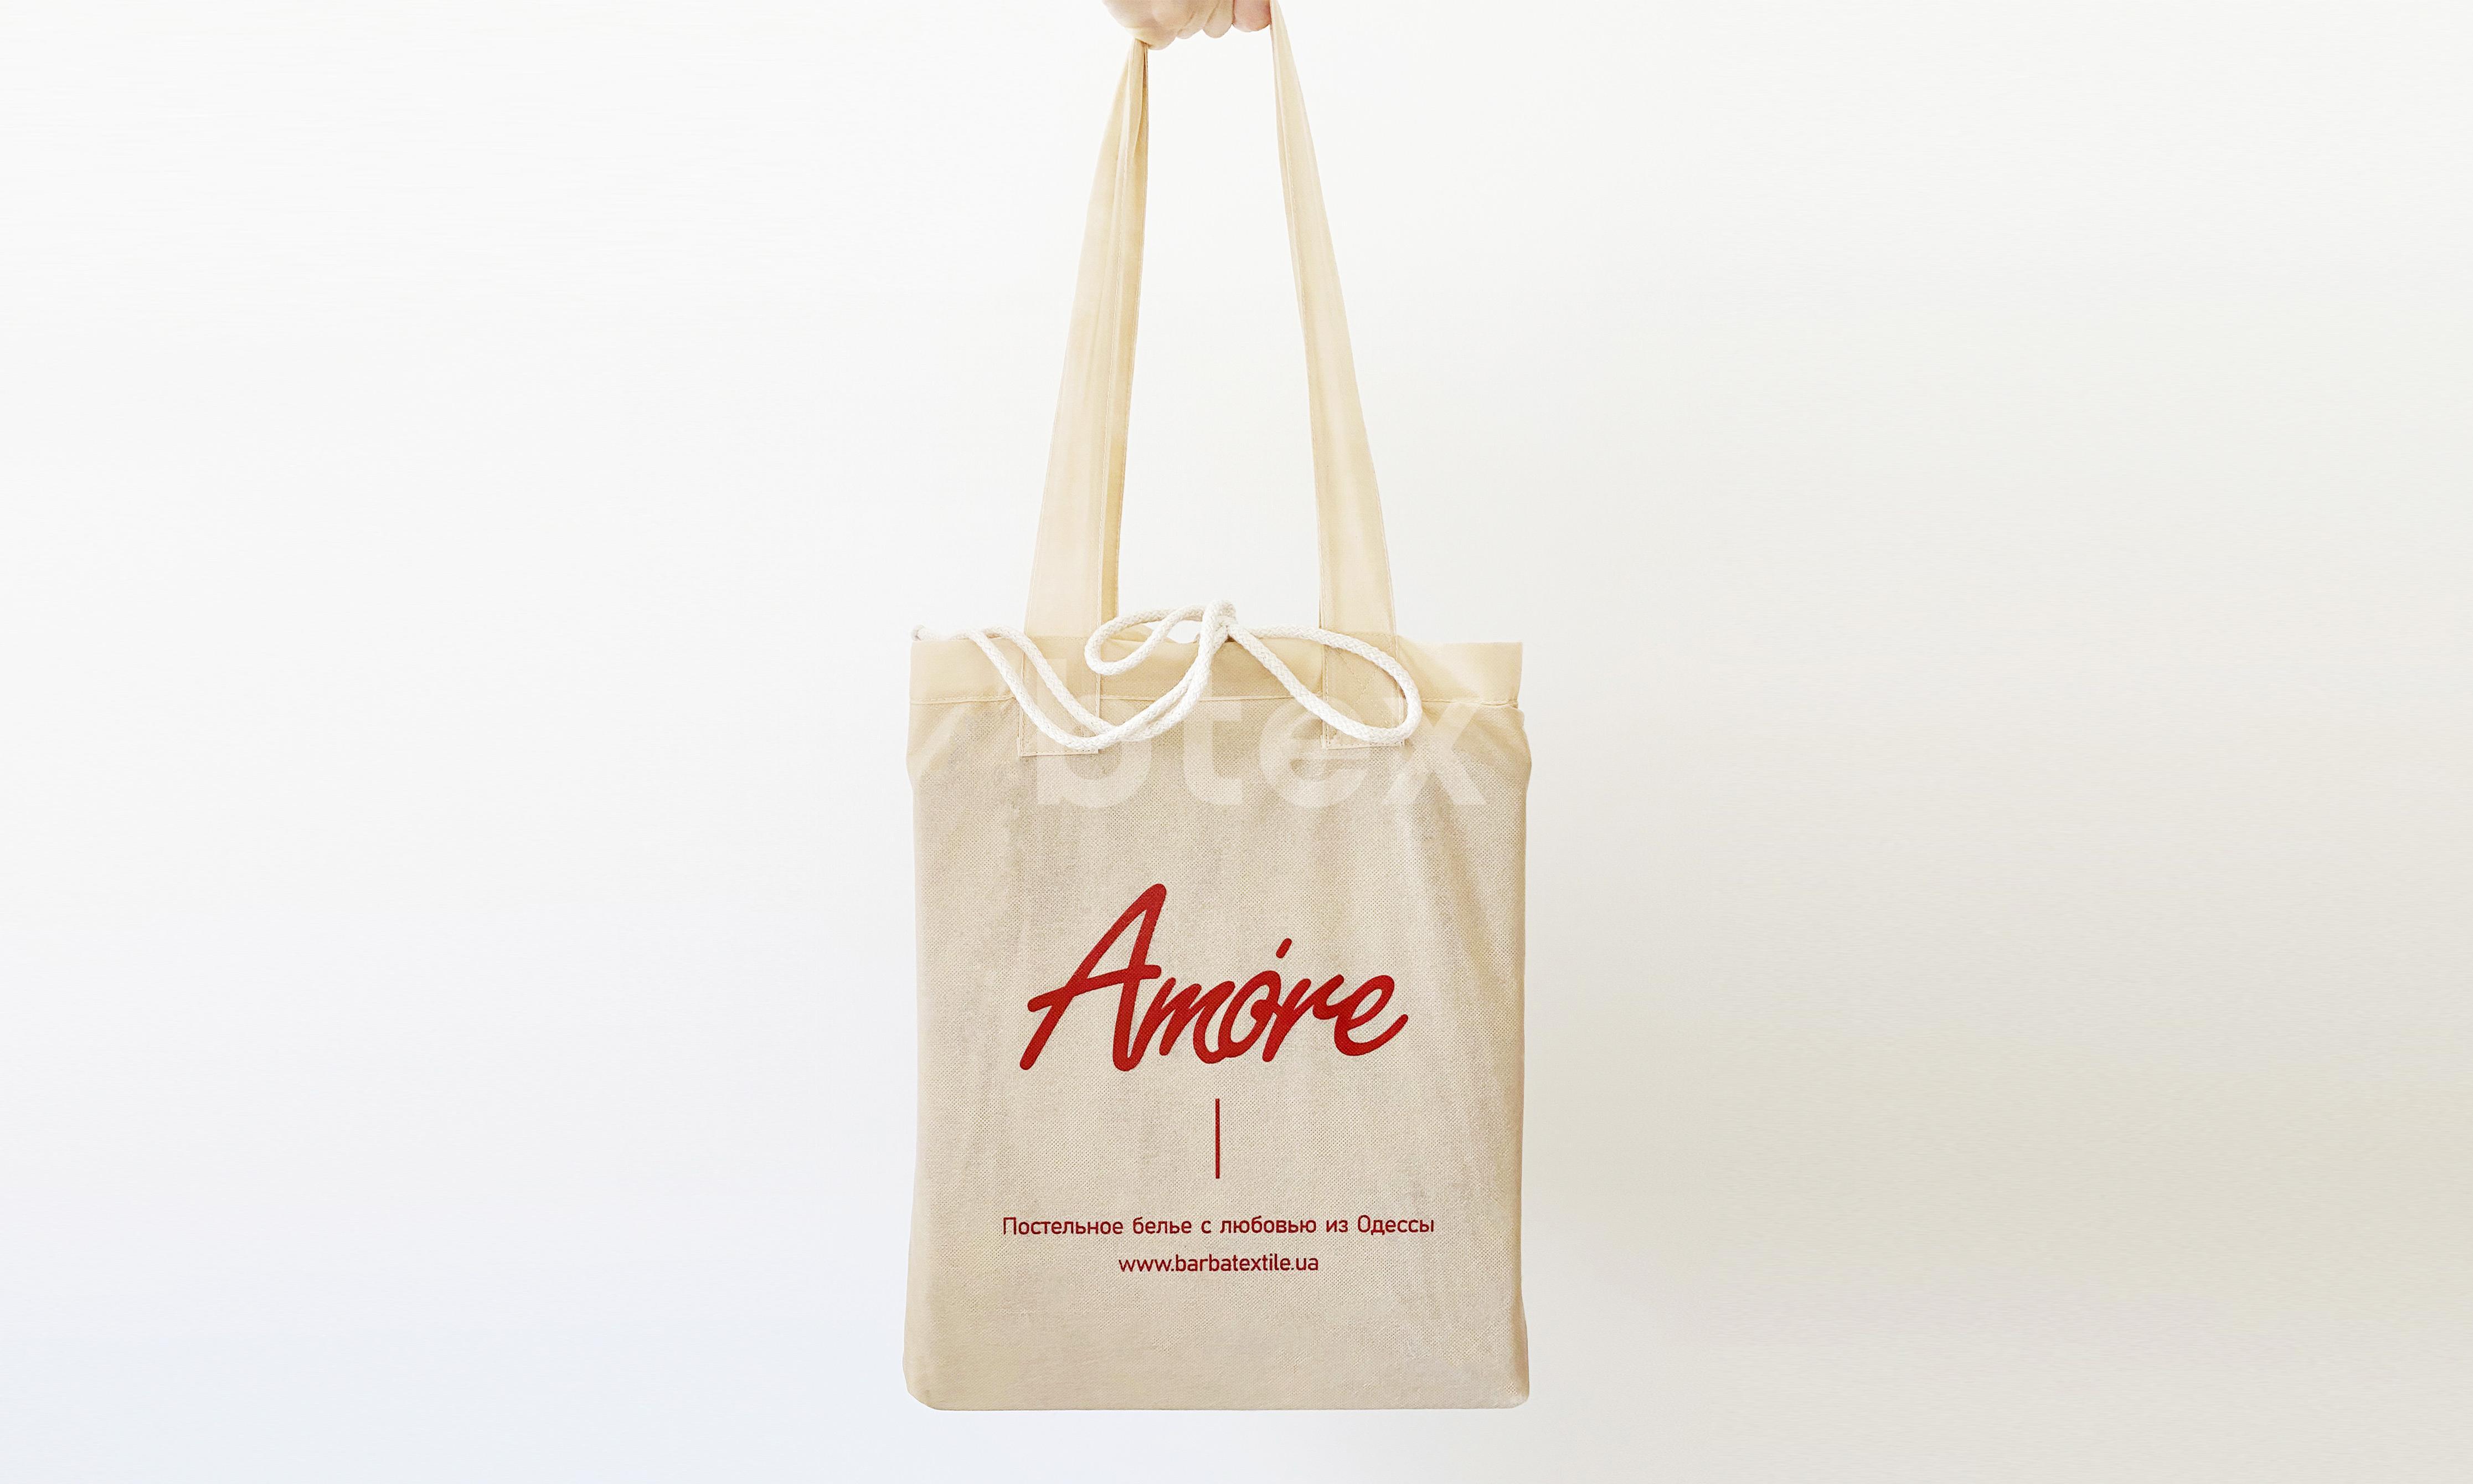 Комплект полуторный Страйп-сатин в сумке фото-3